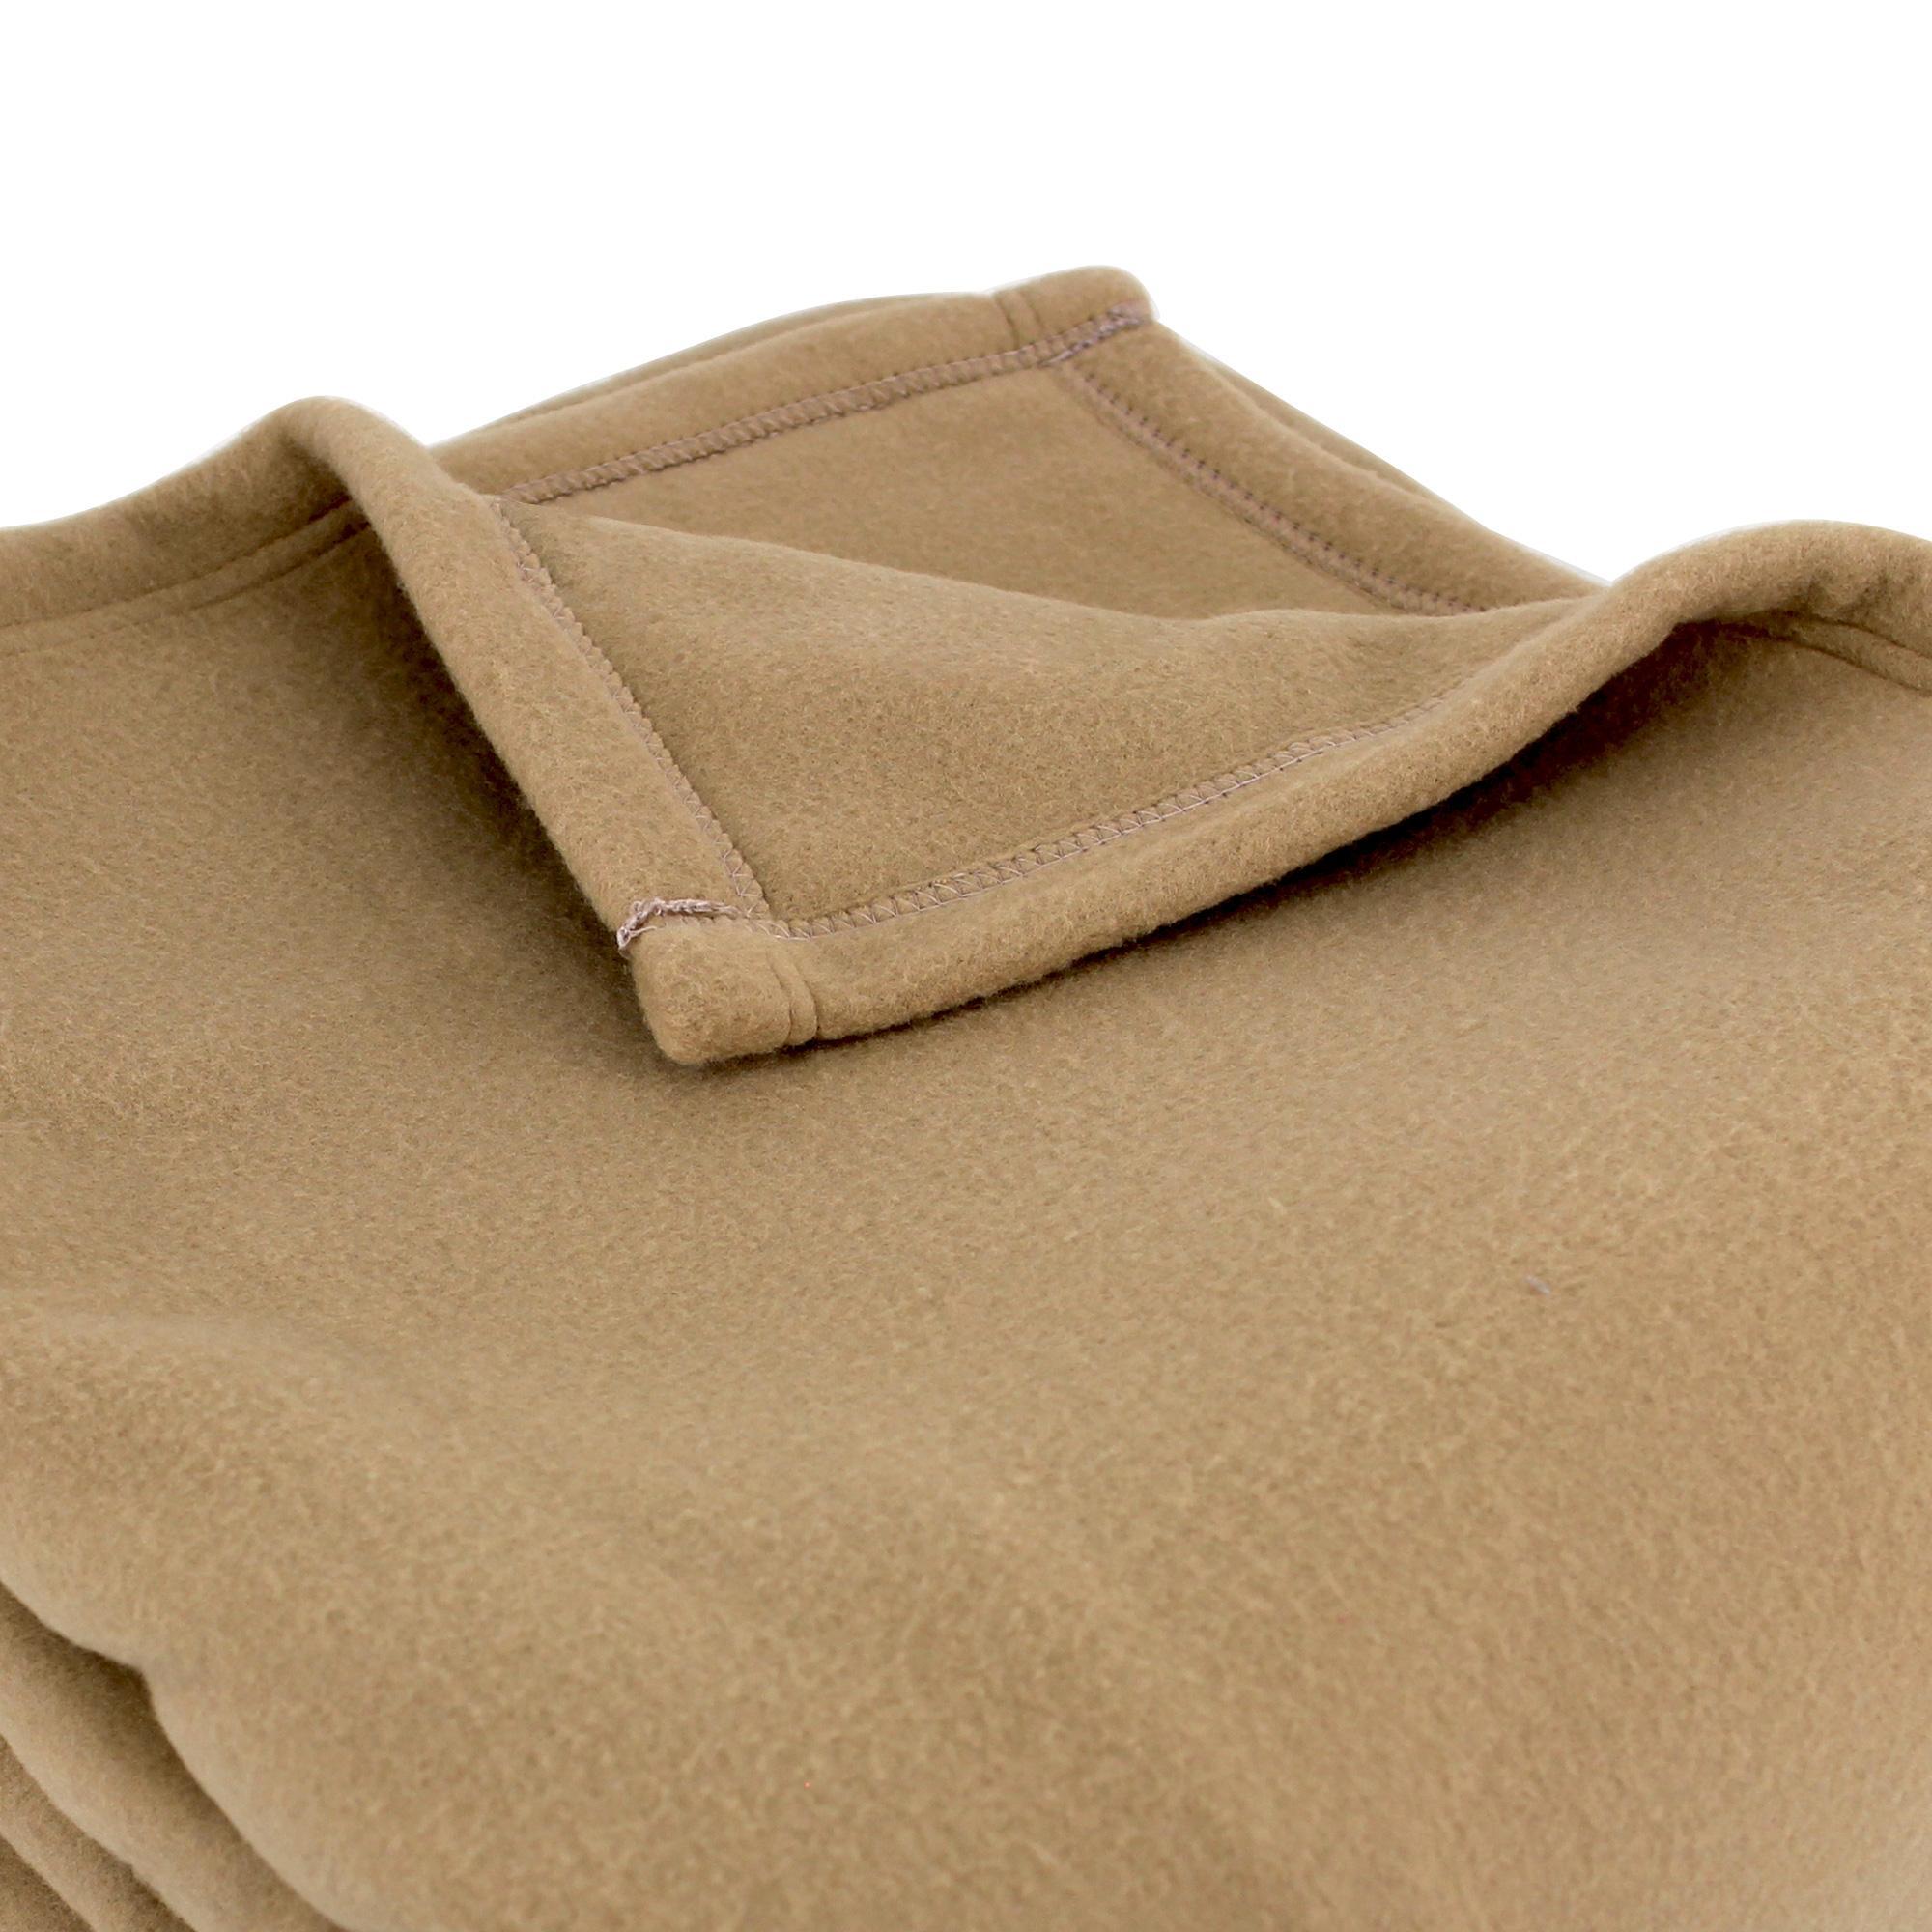 couverture polaire polyester 240x300 cm teddy sable linnea linge de maison et. Black Bedroom Furniture Sets. Home Design Ideas